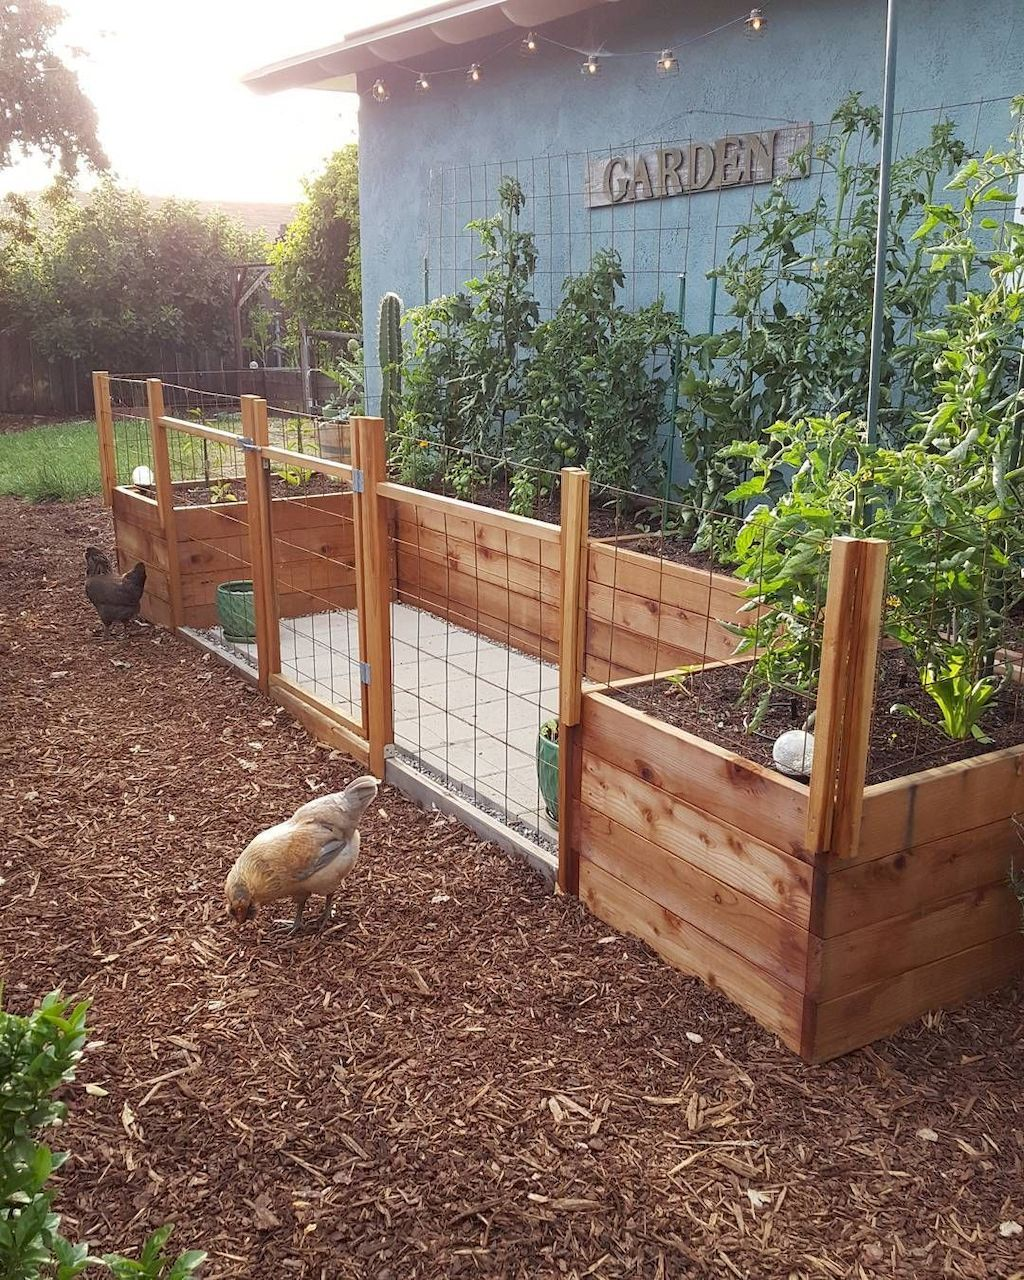 Affordable Backyard Vegetable Garden Designs Ideas 55: 55 DIY Raised Garden Bed Plans & Ideas You Can Build